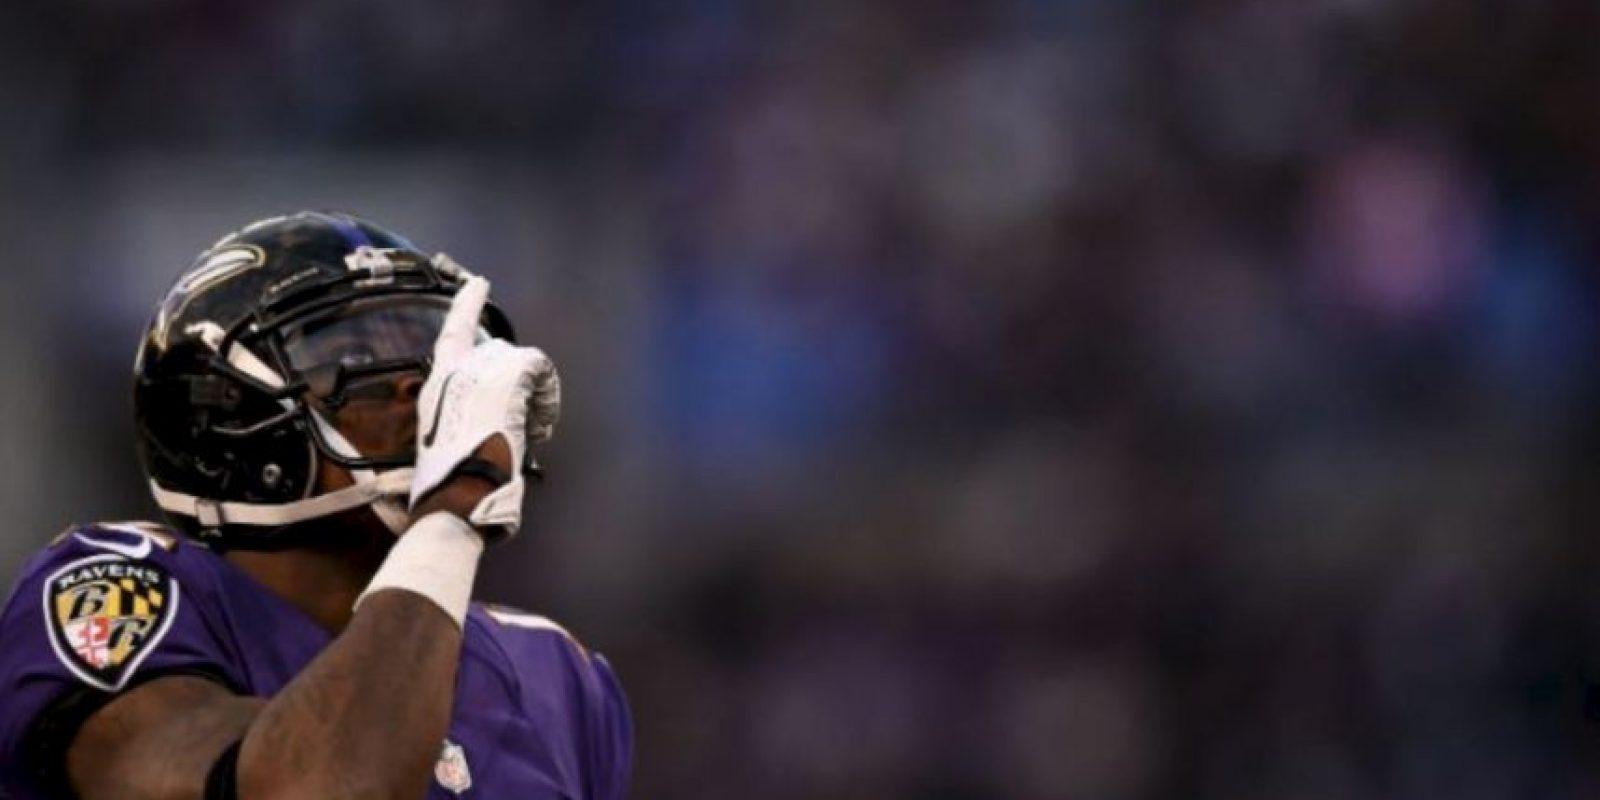 El receptor de los Cuervos de Baltimore fue golpeado por la bailarina conocida como Sweet Pea Foto:Getty Images